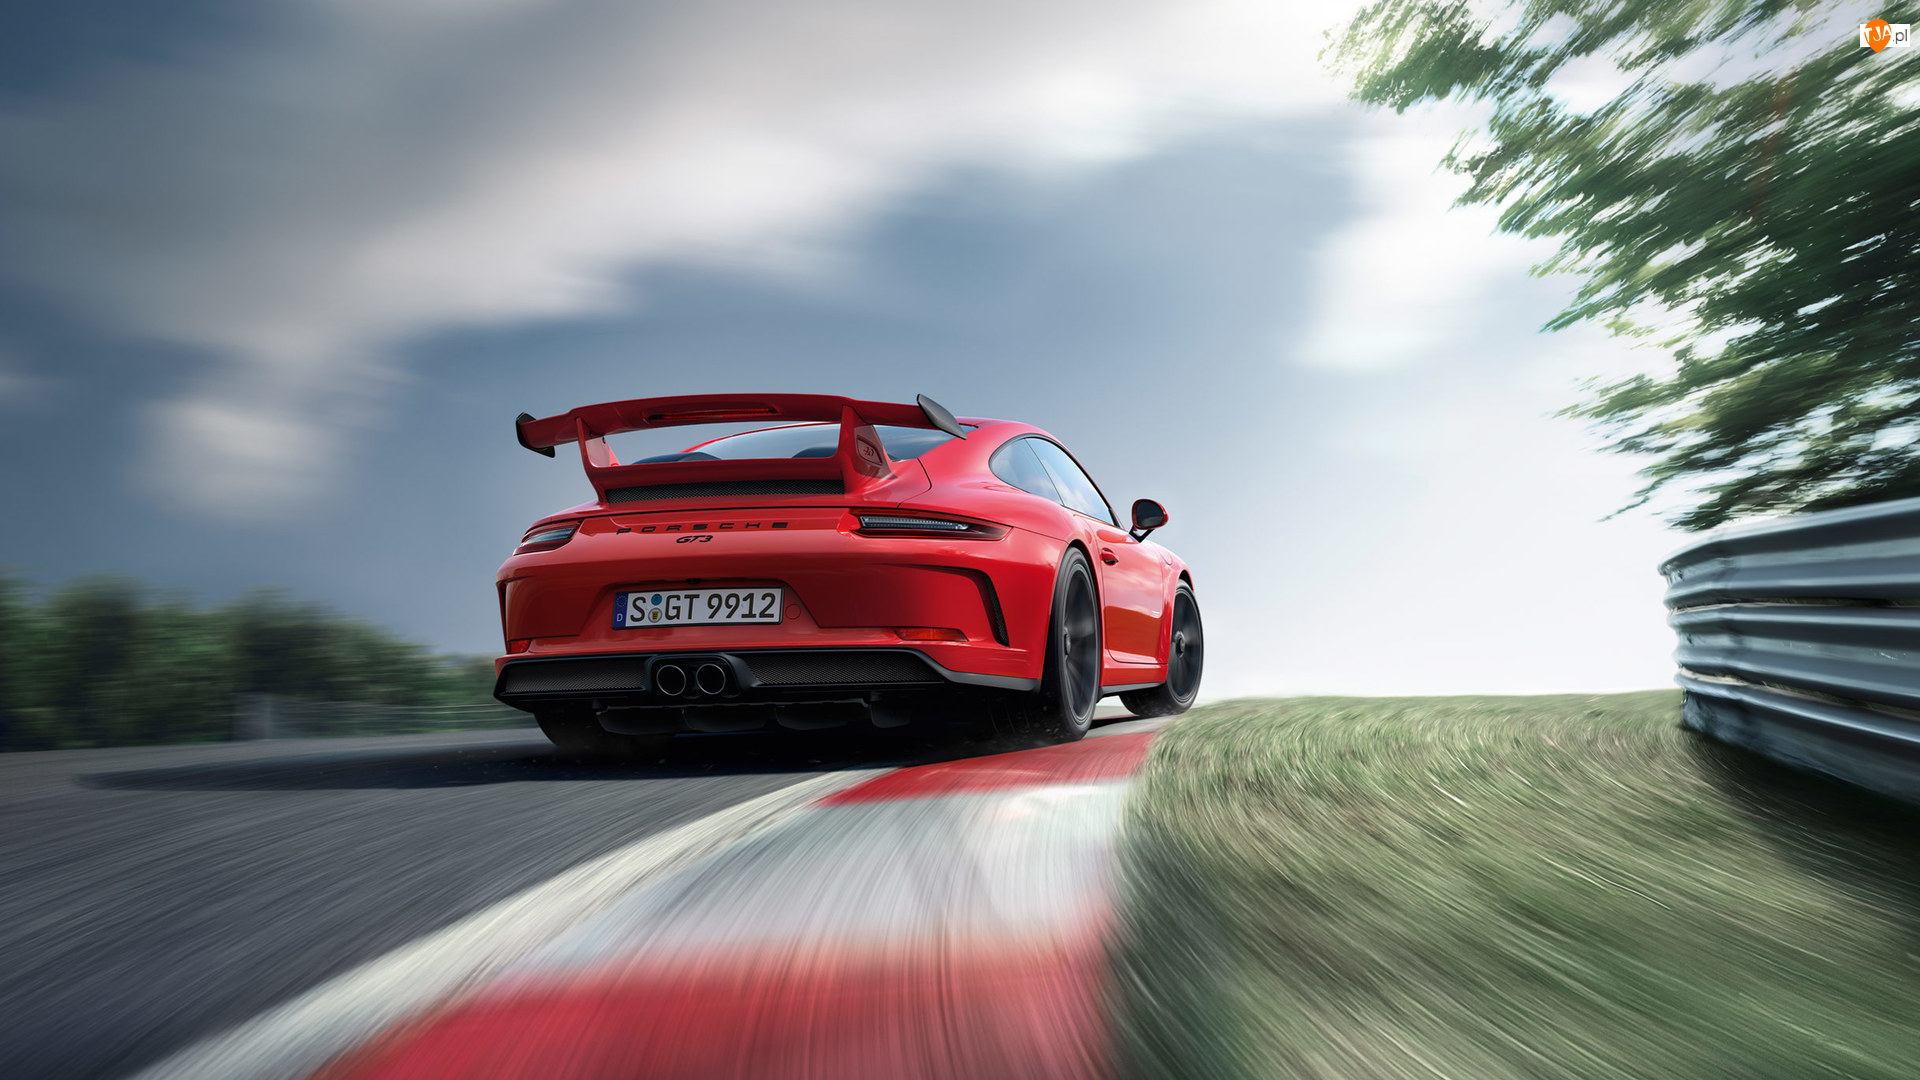 2018, Czerwone, Porsche 911 GT3